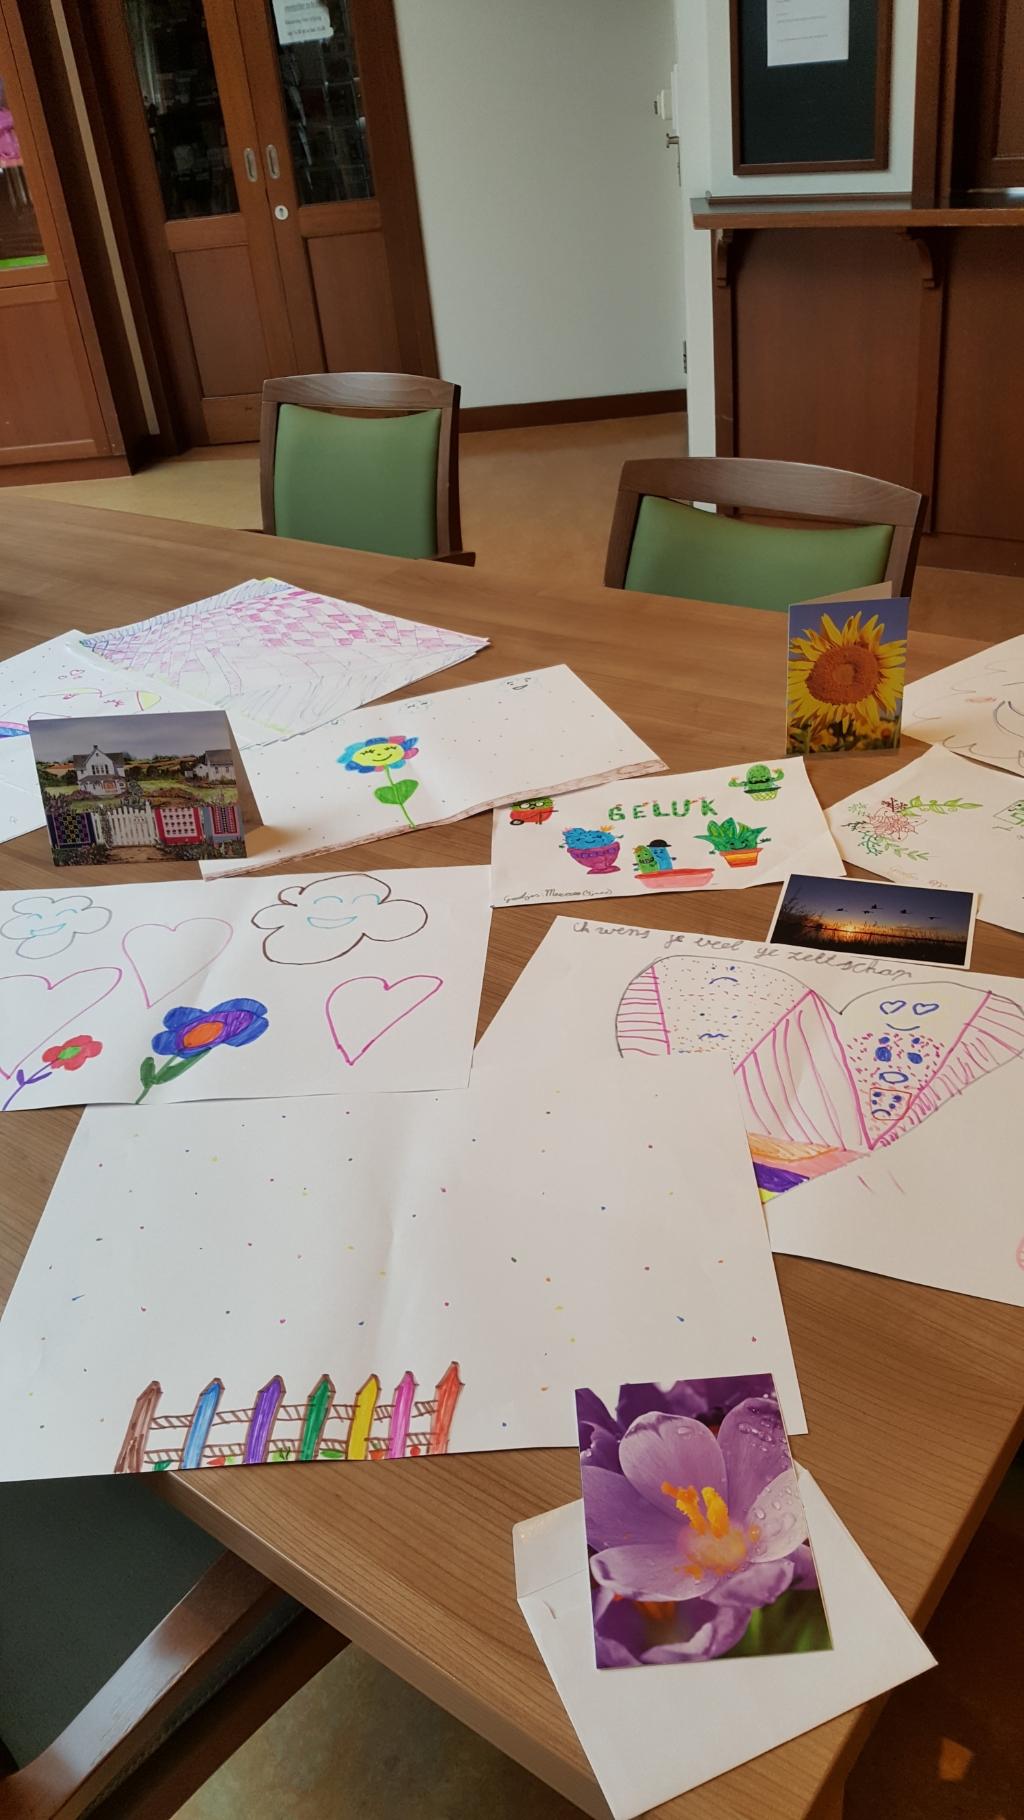 Mooie kaarten en prachtige tekeningen voor bewoners en zorgmedewerkers Foto: De Botterhof © DPG Media